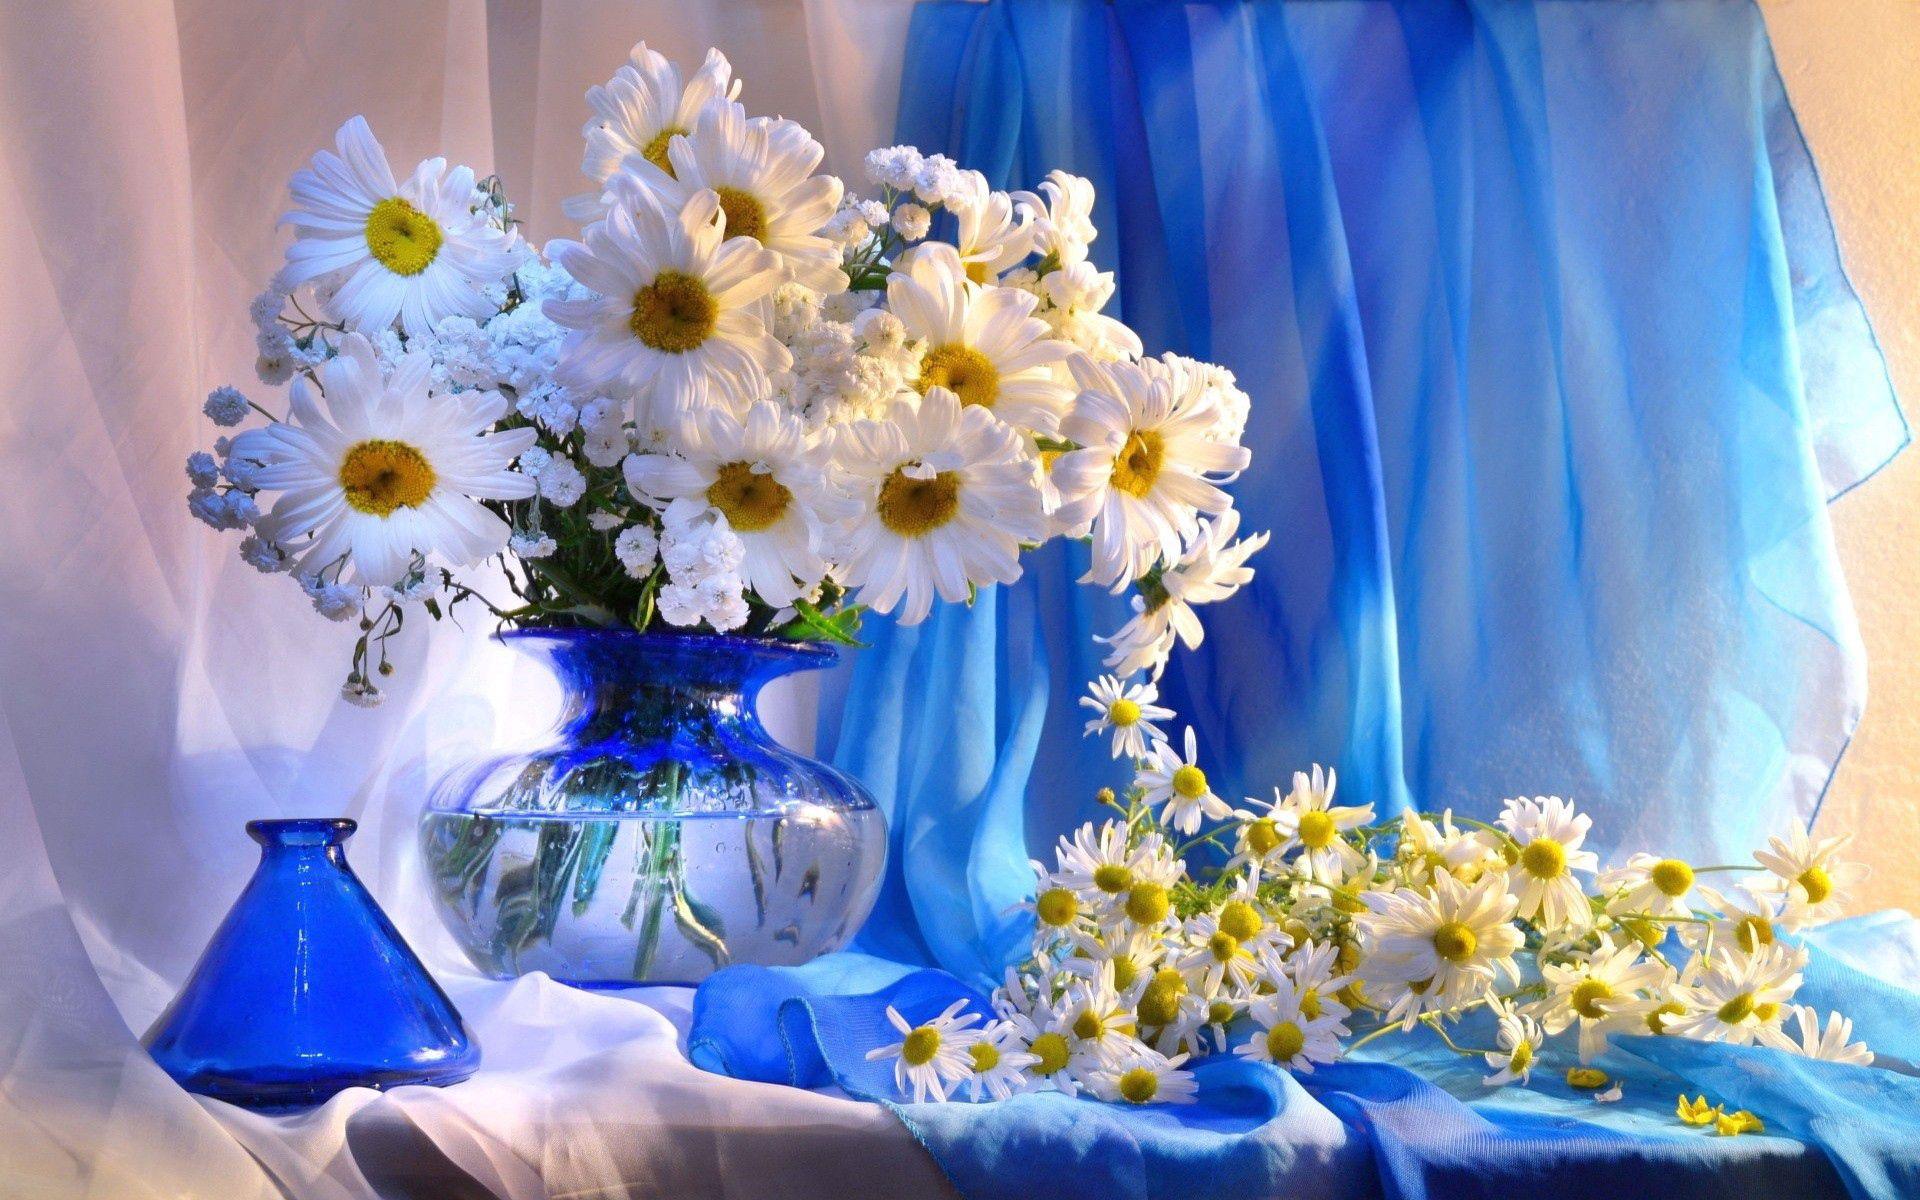 108597 скачать обои Цветы, Ромашки, Ваза, Букет, Оформление - заставки и картинки бесплатно